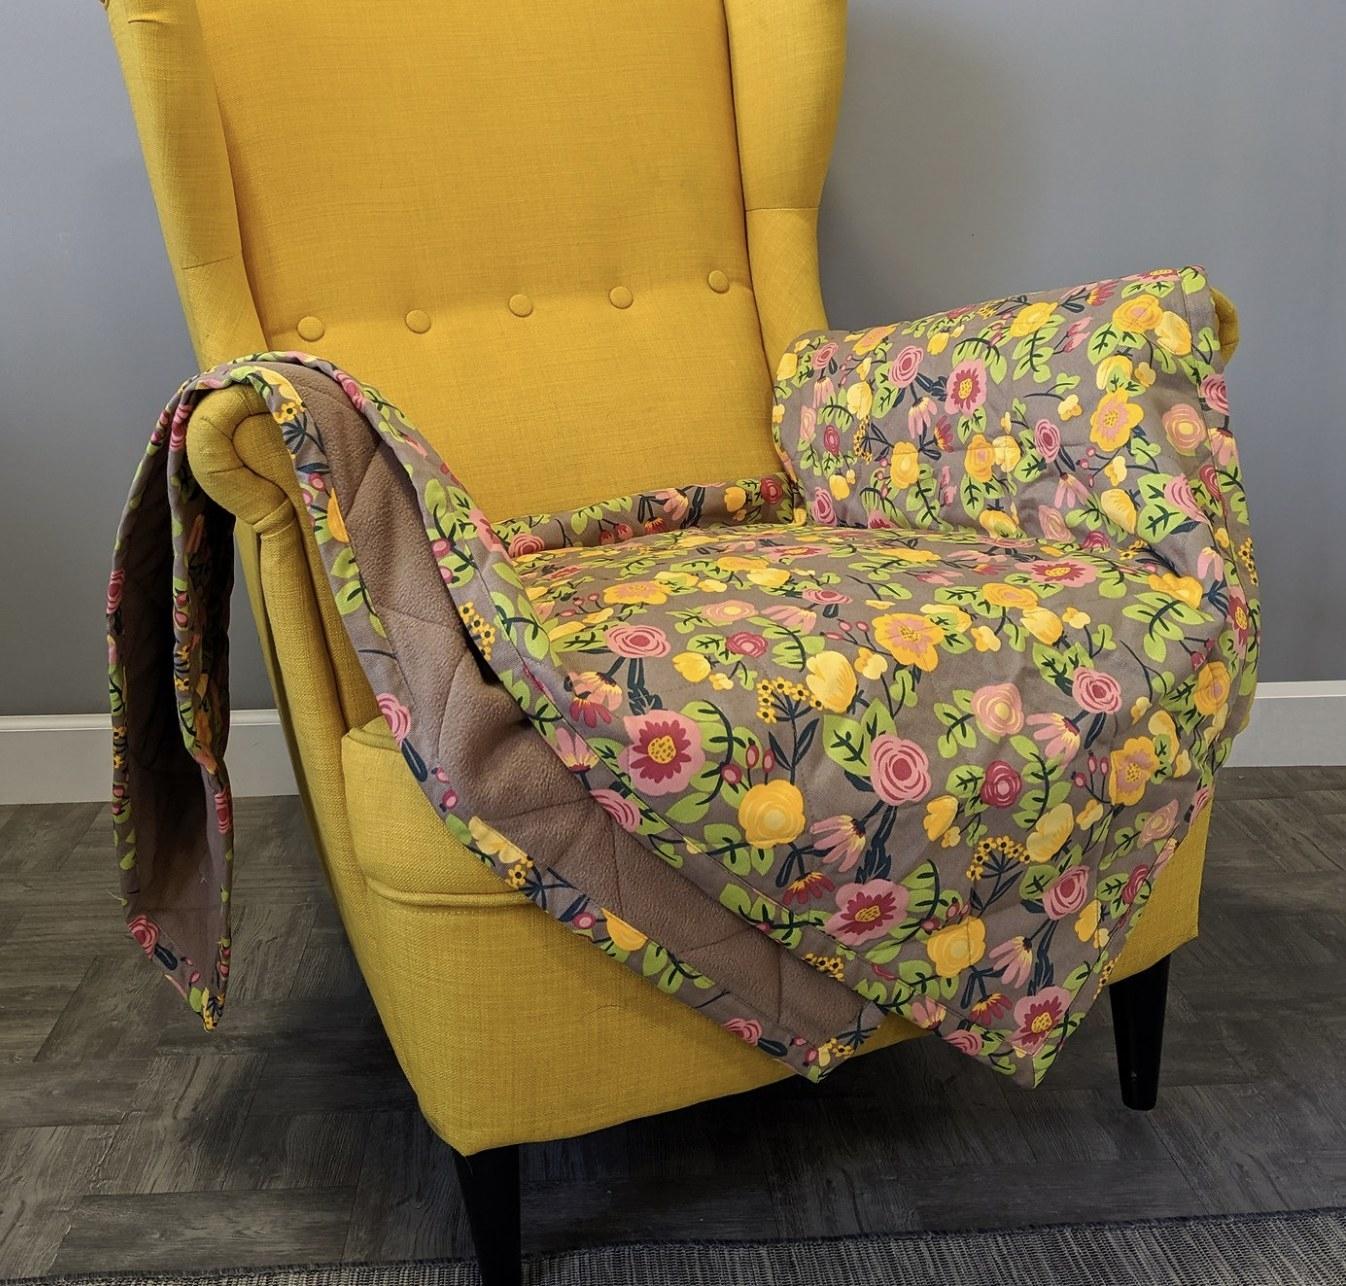 A floral blanket